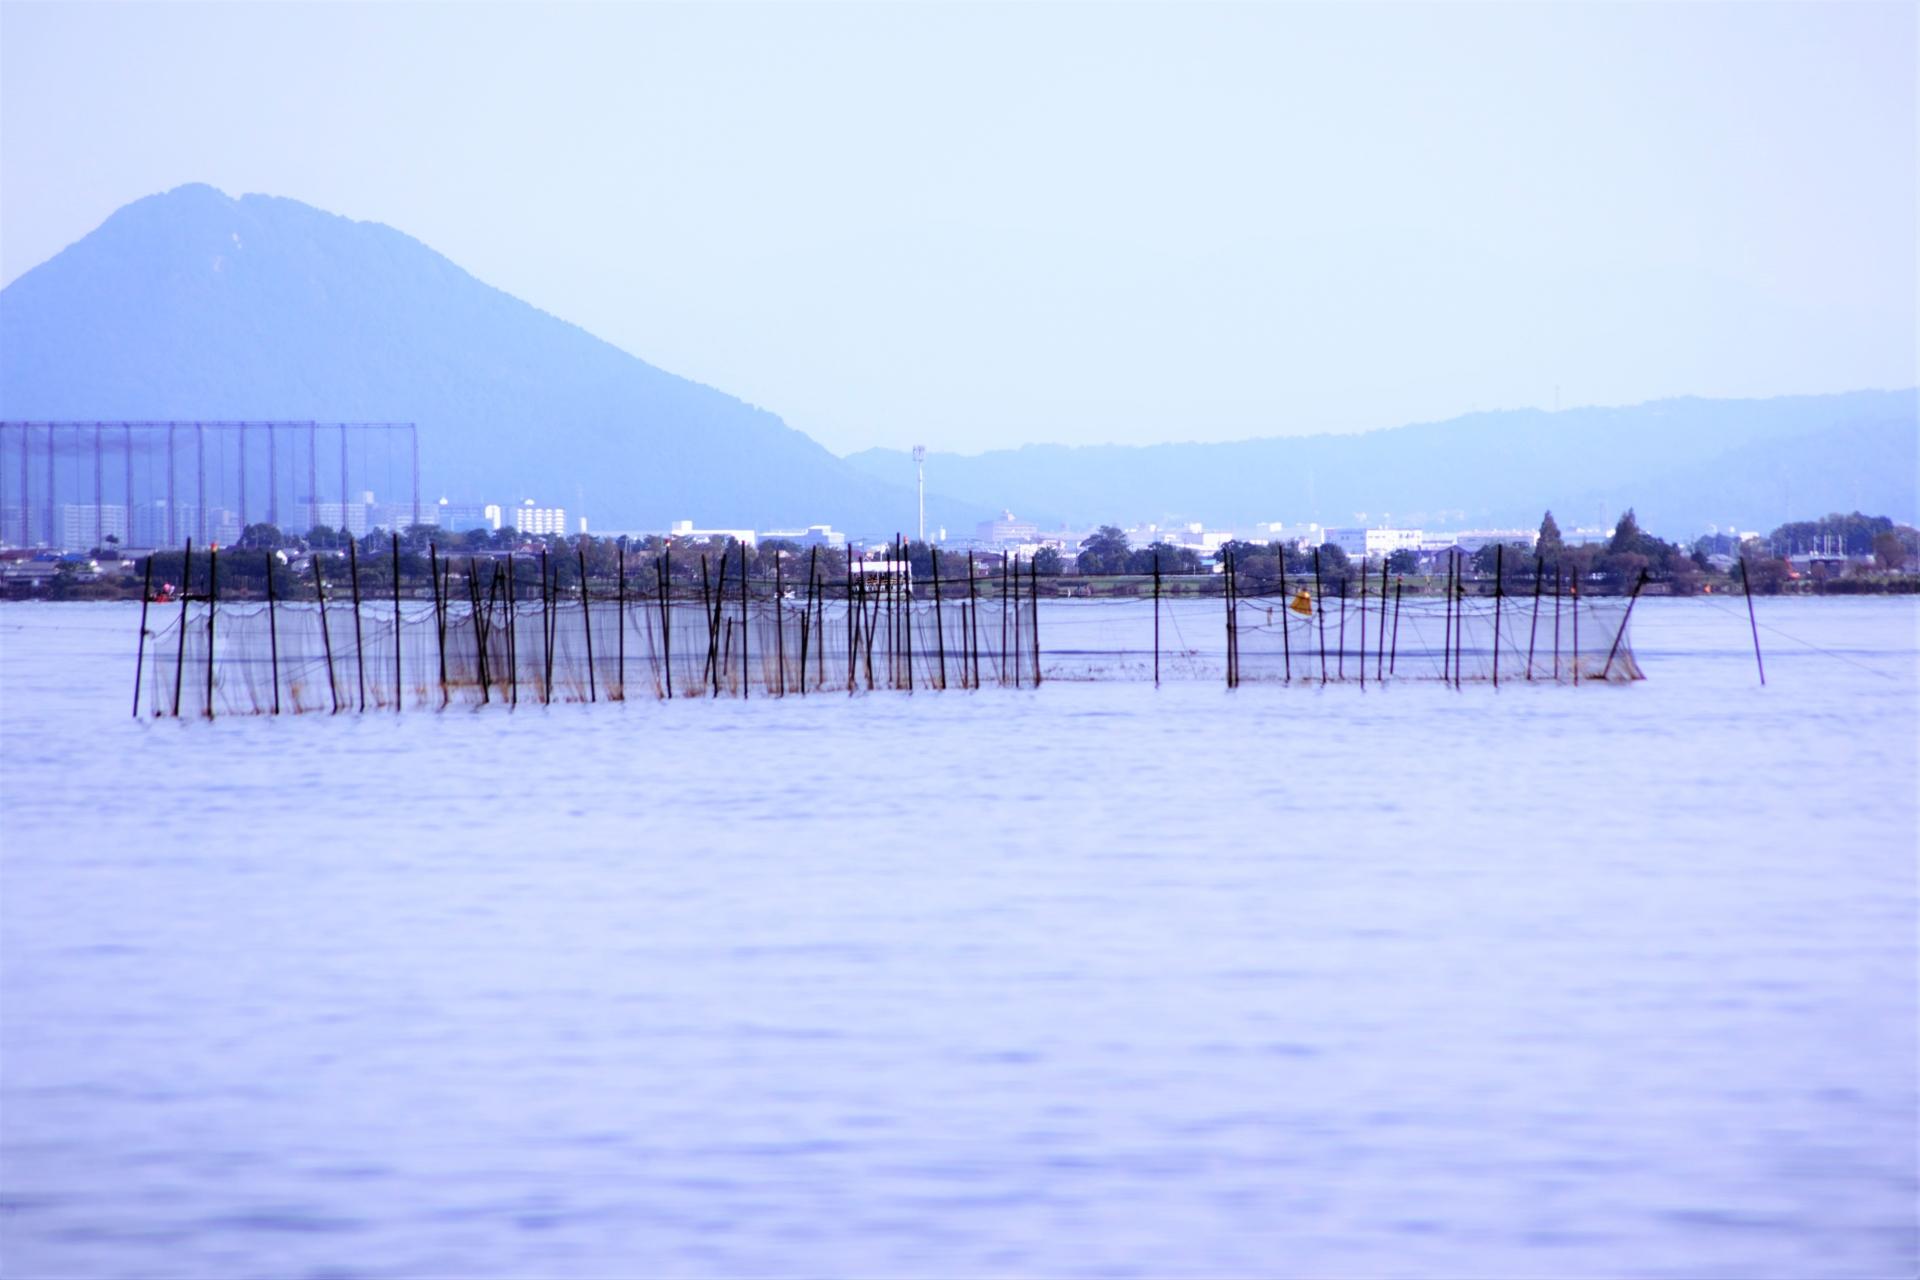 琵琶湖の伝統漁法「魞漁(えりりょう)」